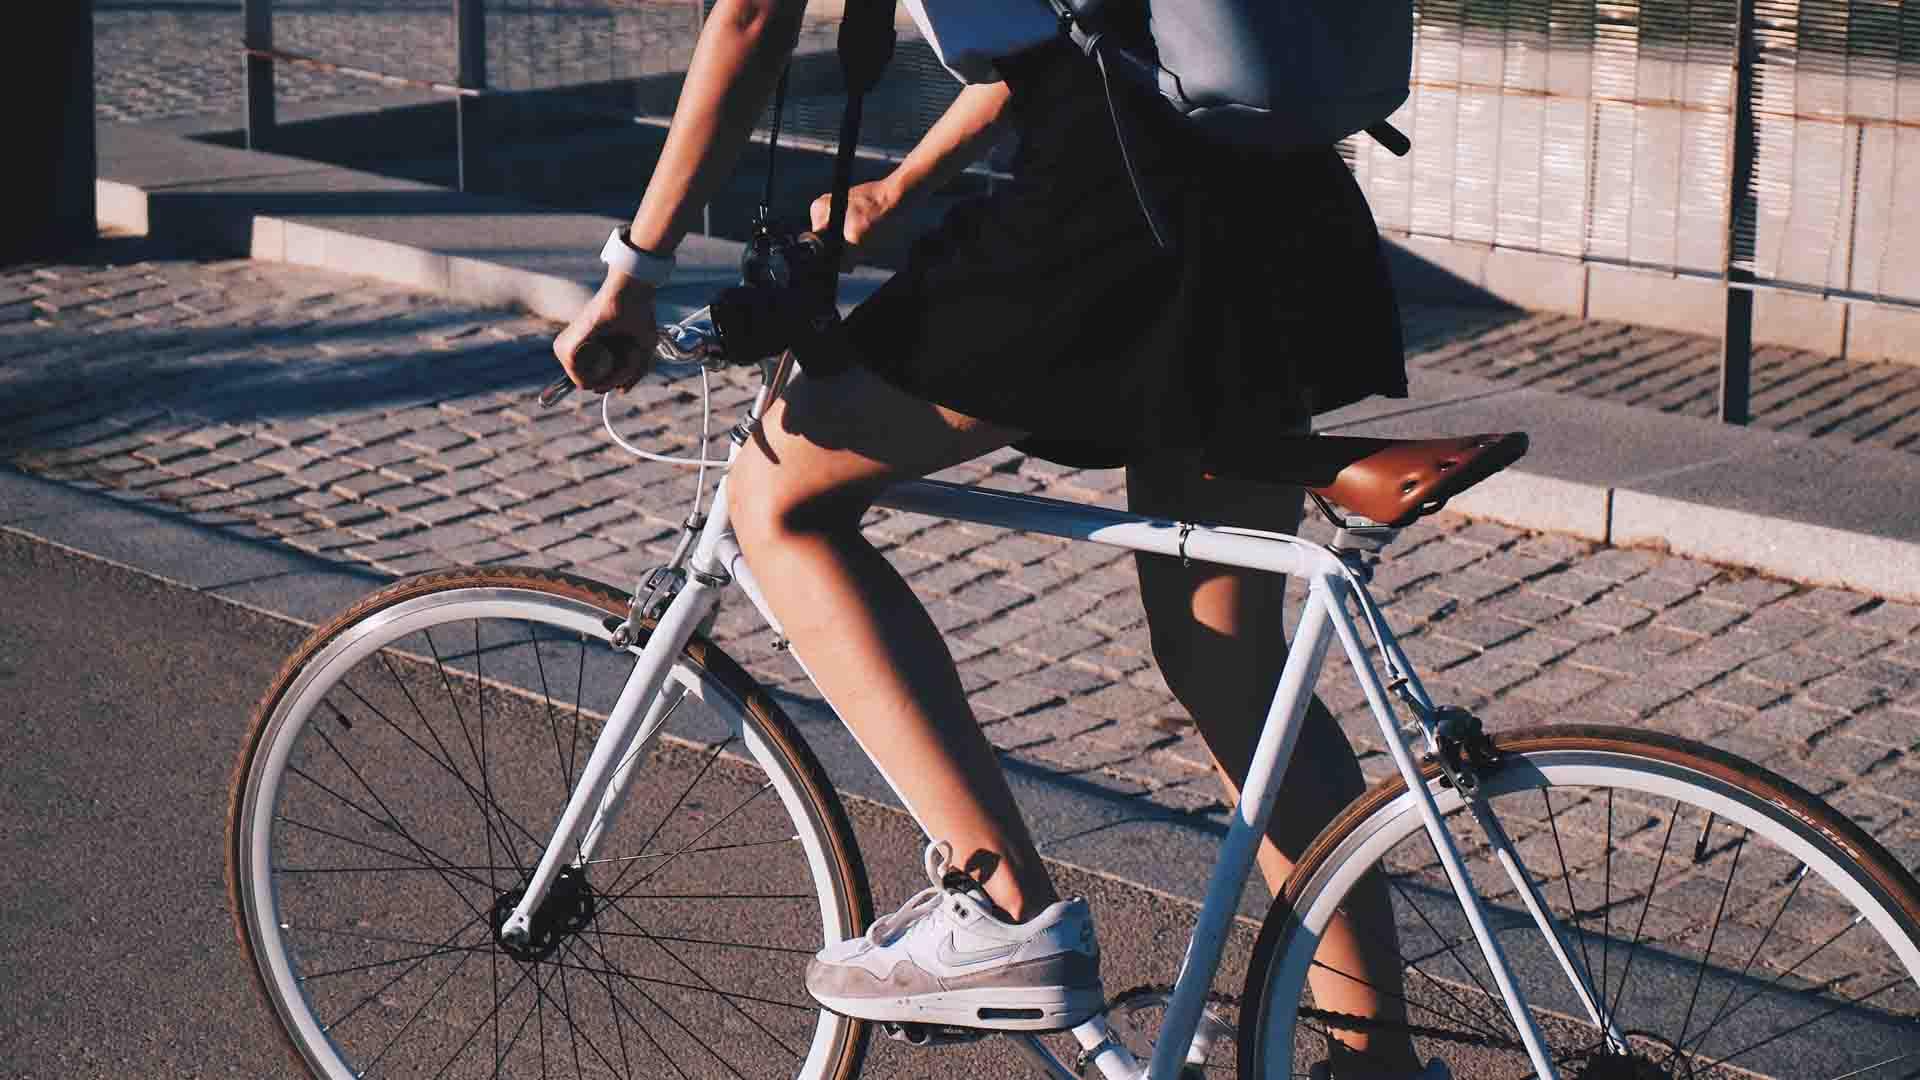 Mobilità dolce: una studentessa con lo zaino va a scuola in bici